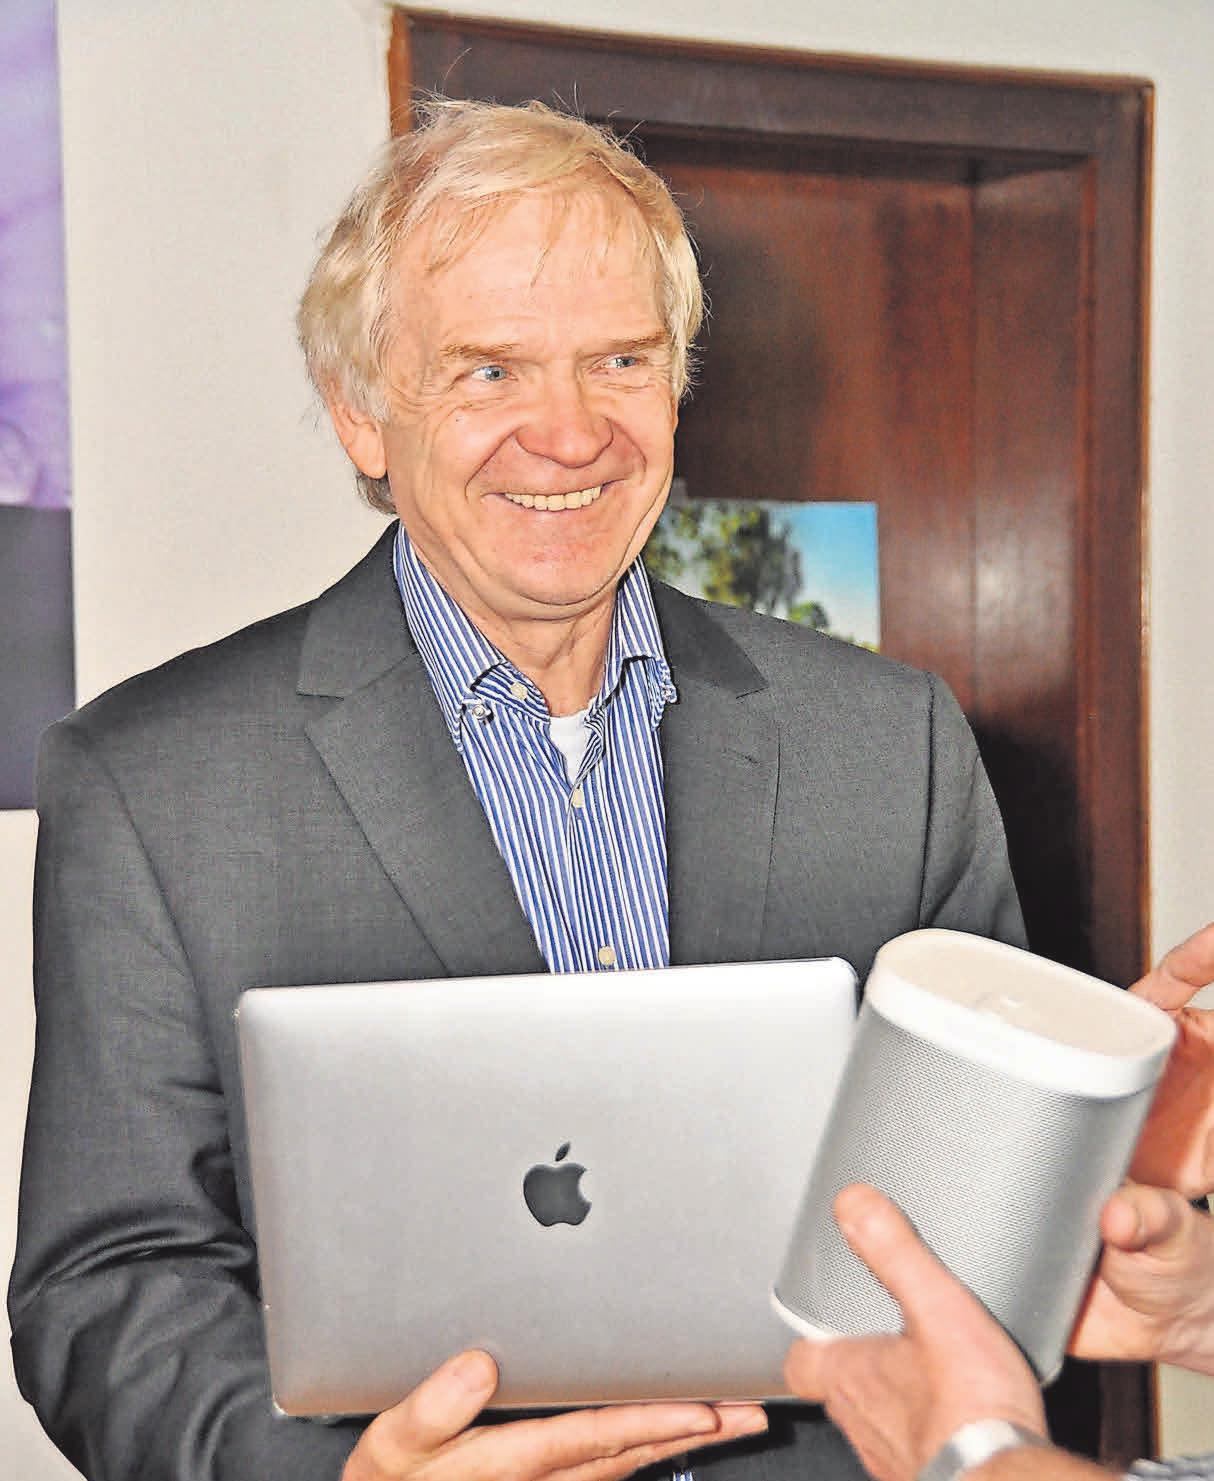 Heinz Mensing überreicht einem Kunden dessen neue Geräte, unter anderem einen Apple-Laptop. Die Auswahl im Lager des Unternehmens lässt keine Wünsche offen.Foto: Archiv